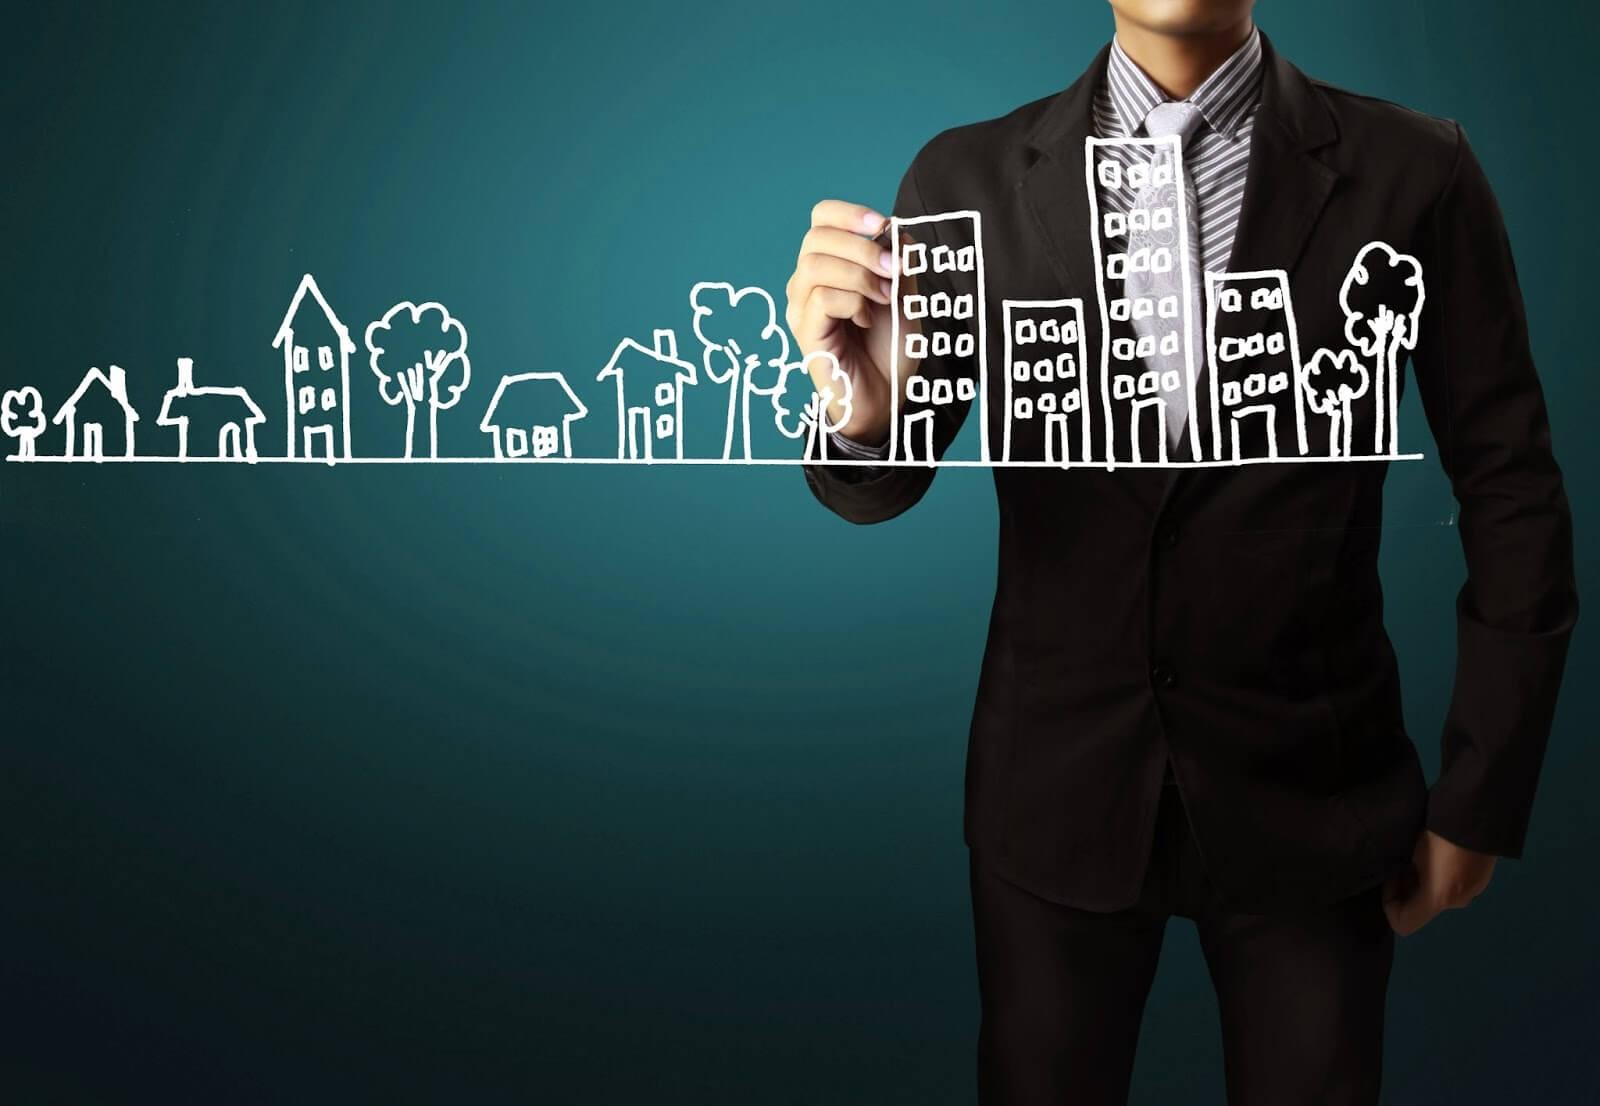 tong hop kien thuc kinh doanh bat dong san moi nhat cho ban 2239 5 - Tổng hợp kiến thức kinh doanh bất động sản mới nhất cho bạn